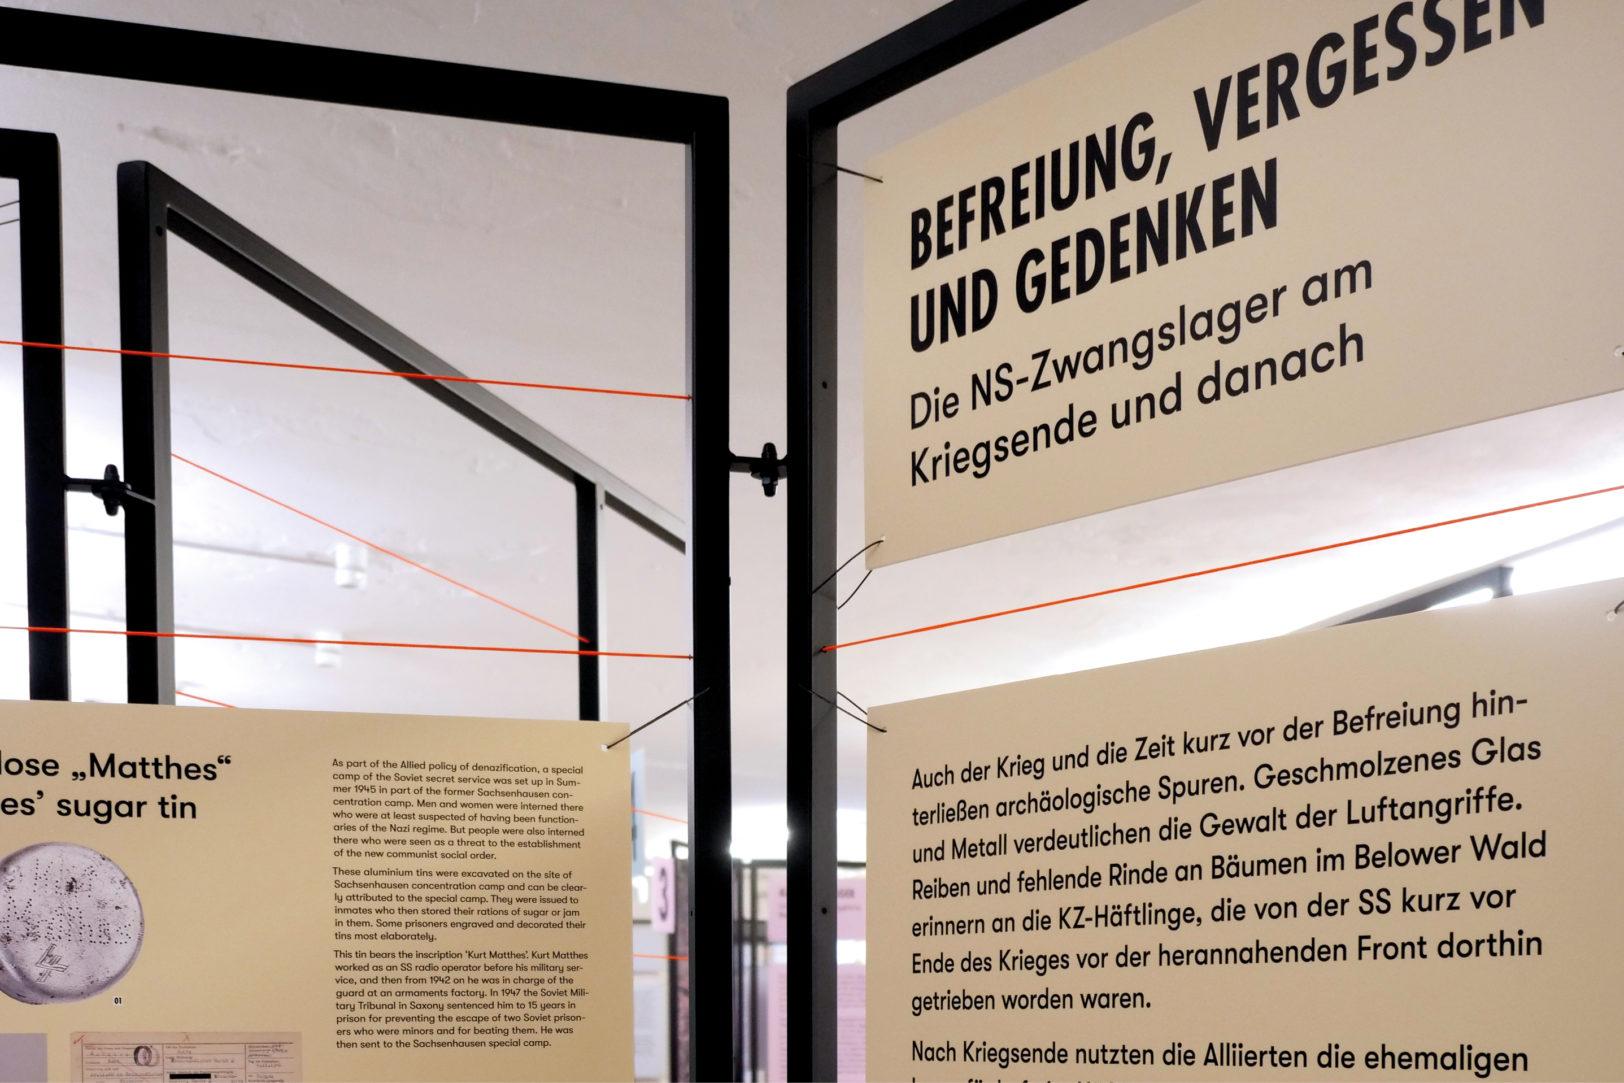 http://e-o-t.de/wordpress/wp-content/uploads/2020/04/Exhibition-Ausgeschlossen-eot-14.jpg